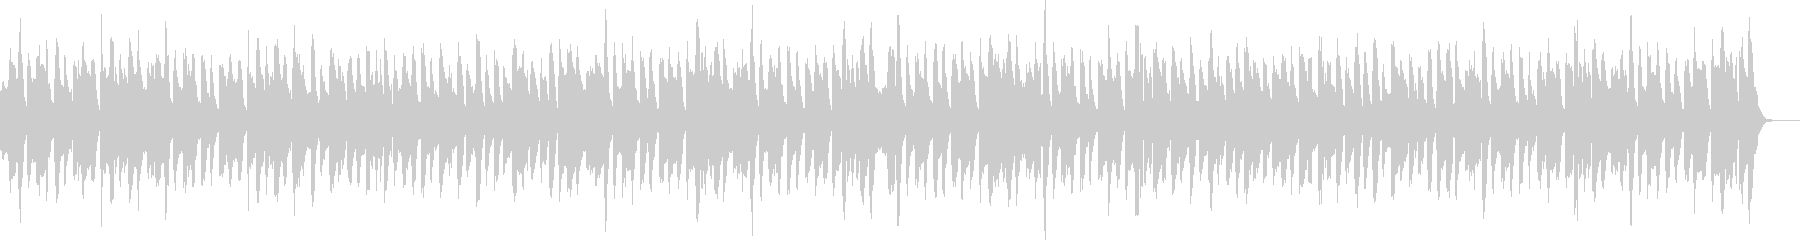 生演奏リコーダーでほのぼののんびりタイムの未再生の波形